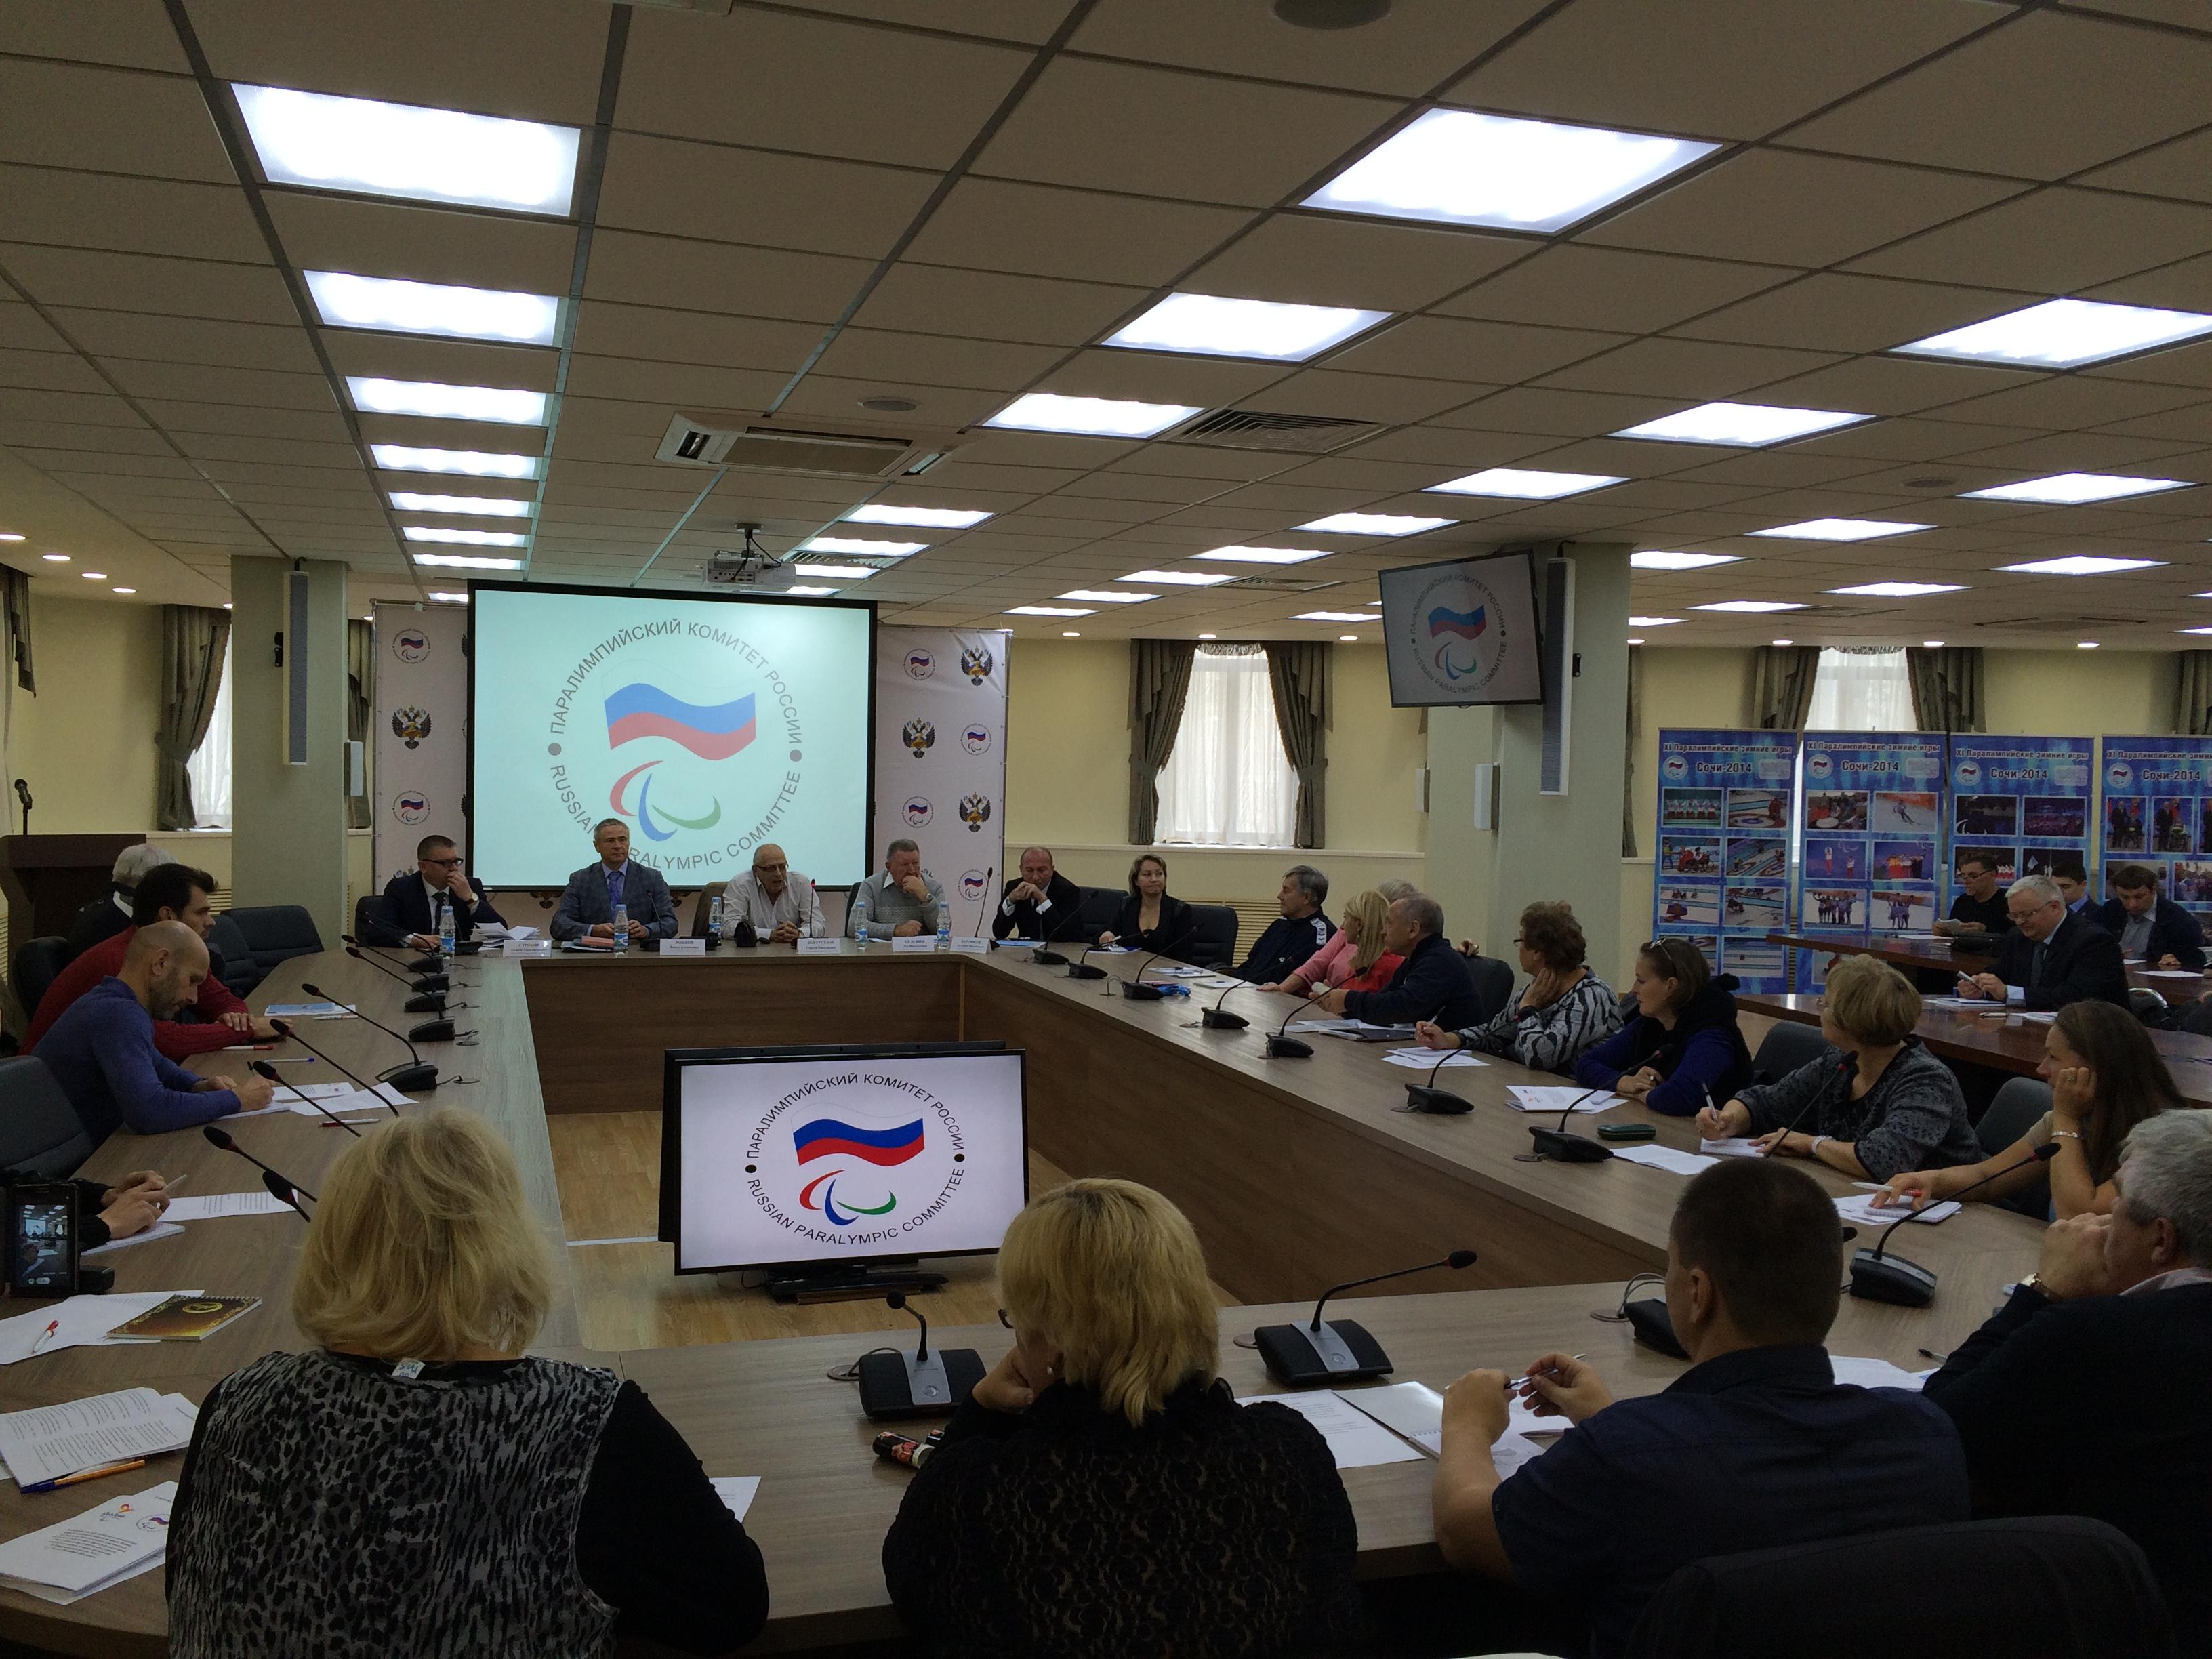 П.А. Рожков в зале Исполкома ПКР провел семинар по вопросам использования современных методик и технологий спортивной подготовки и восстановления спортсменов с учетом специфики г. Рио-де-Жанейро как места проведения XV Паралимпийских летних игр 2016 года